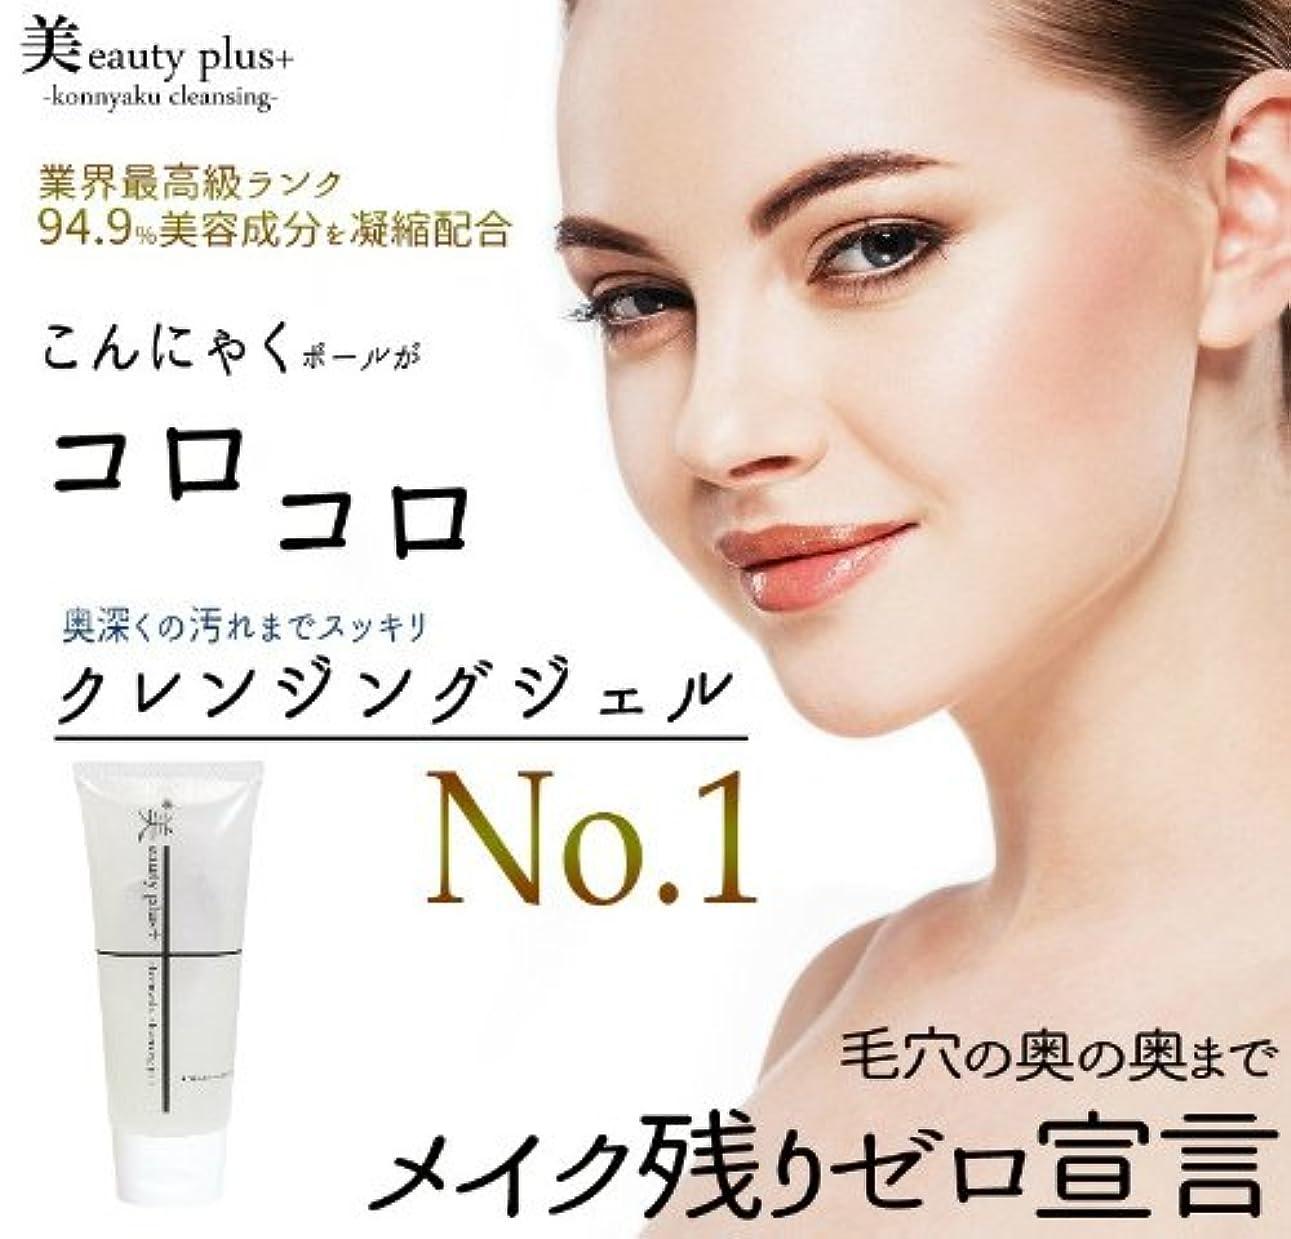 ファントム科学作曲する美eauty Plus+ Konnyaku Cleansing Jel